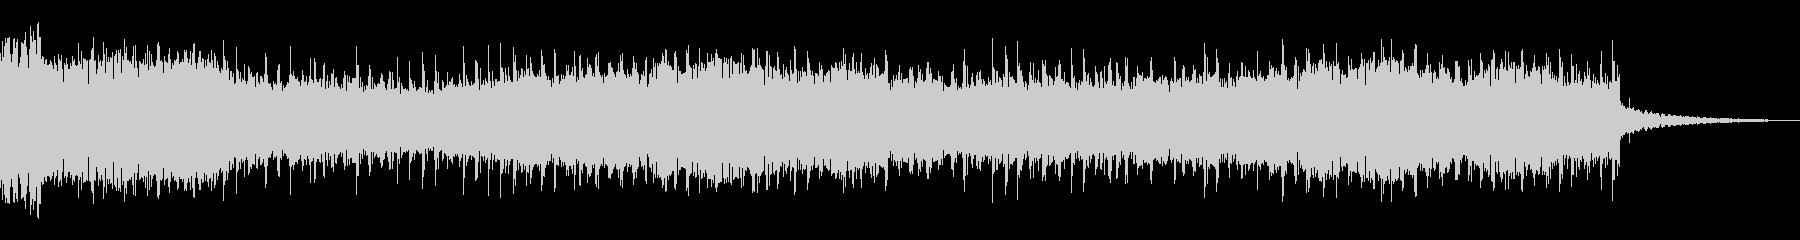 ドローンベッドの未再生の波形